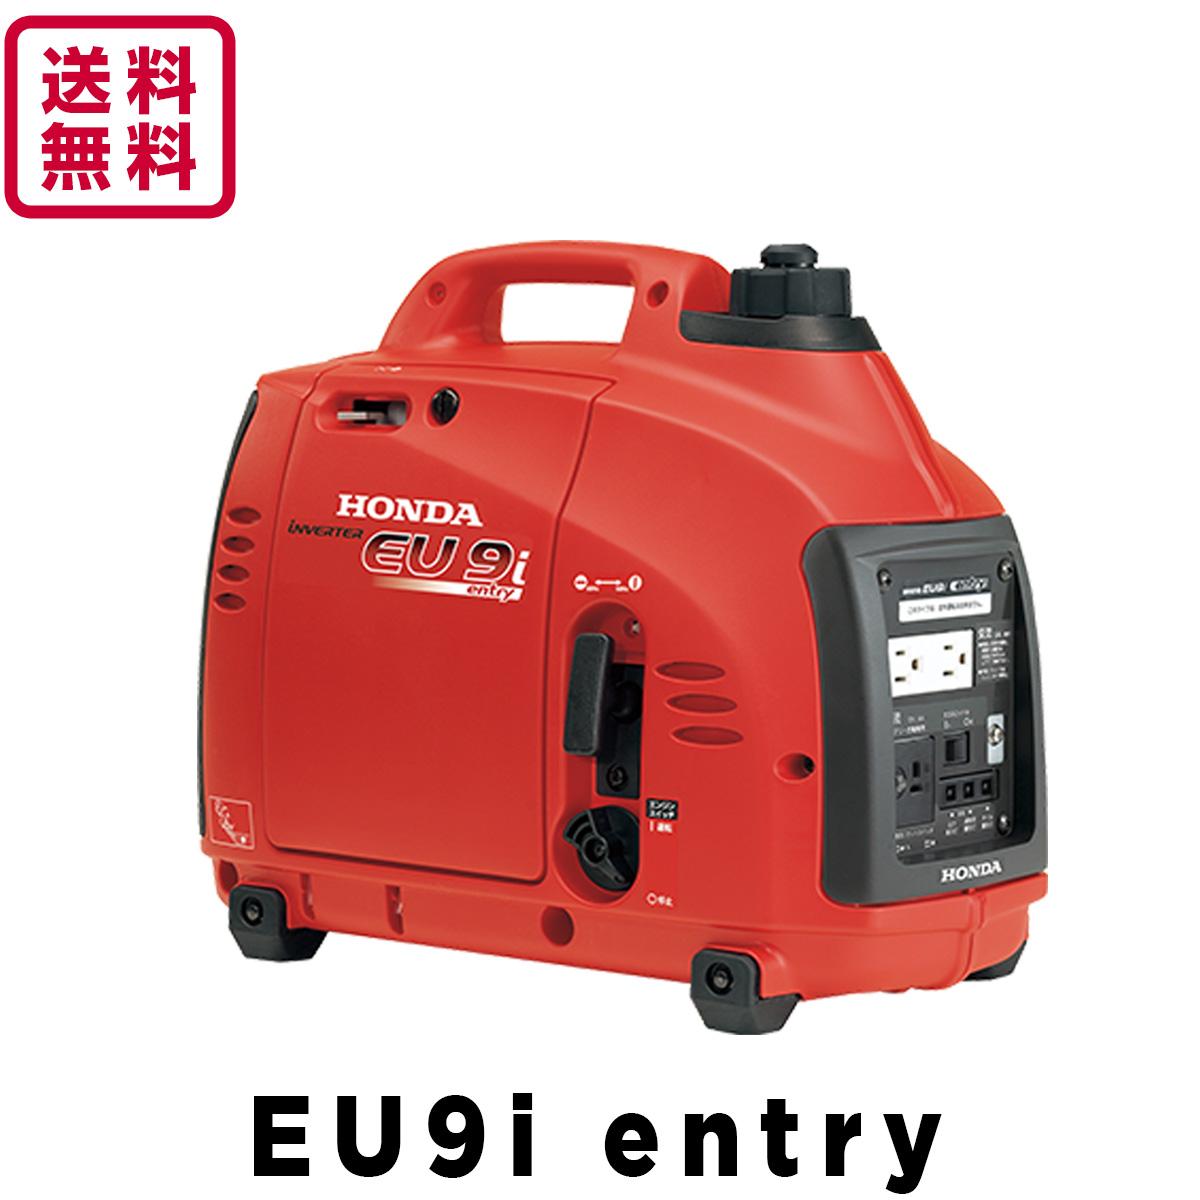 【送料無料】ホンダ HONDA EU9i entry 発電機